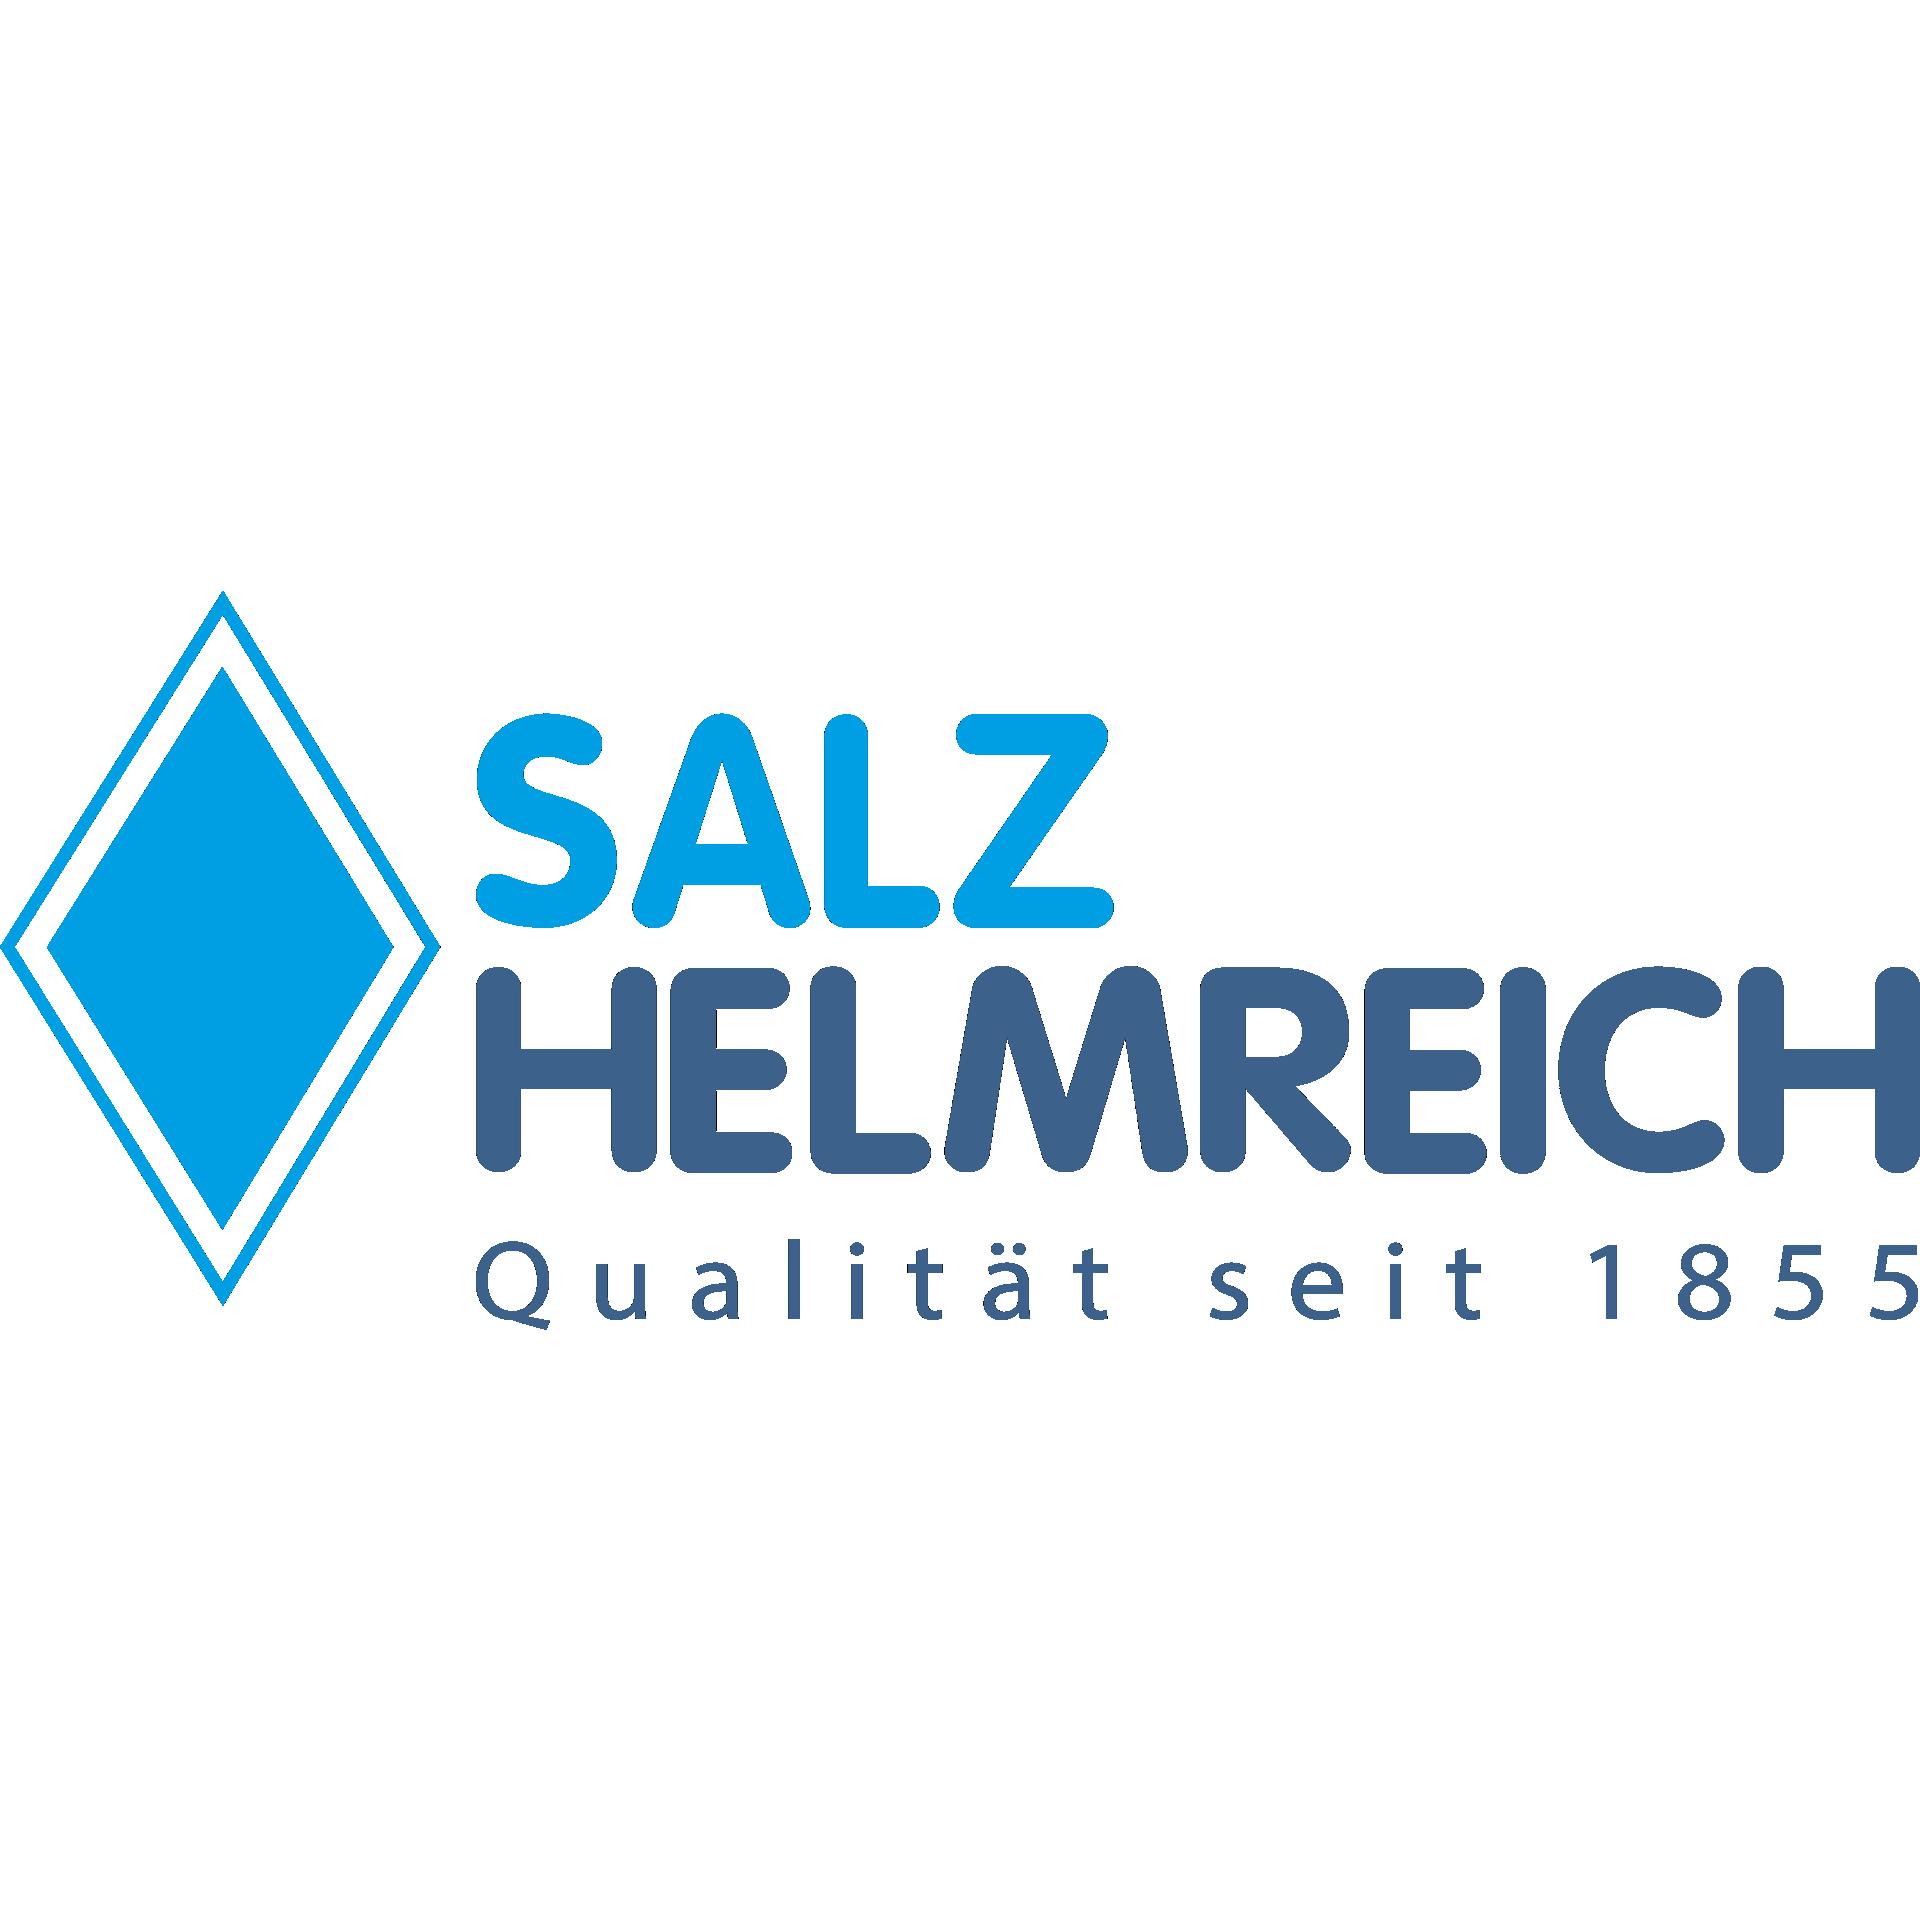 Meersalz Puder 0-0,2 mit Trennmittel 0,2% Siliciumdioxid im 20 kg Sack